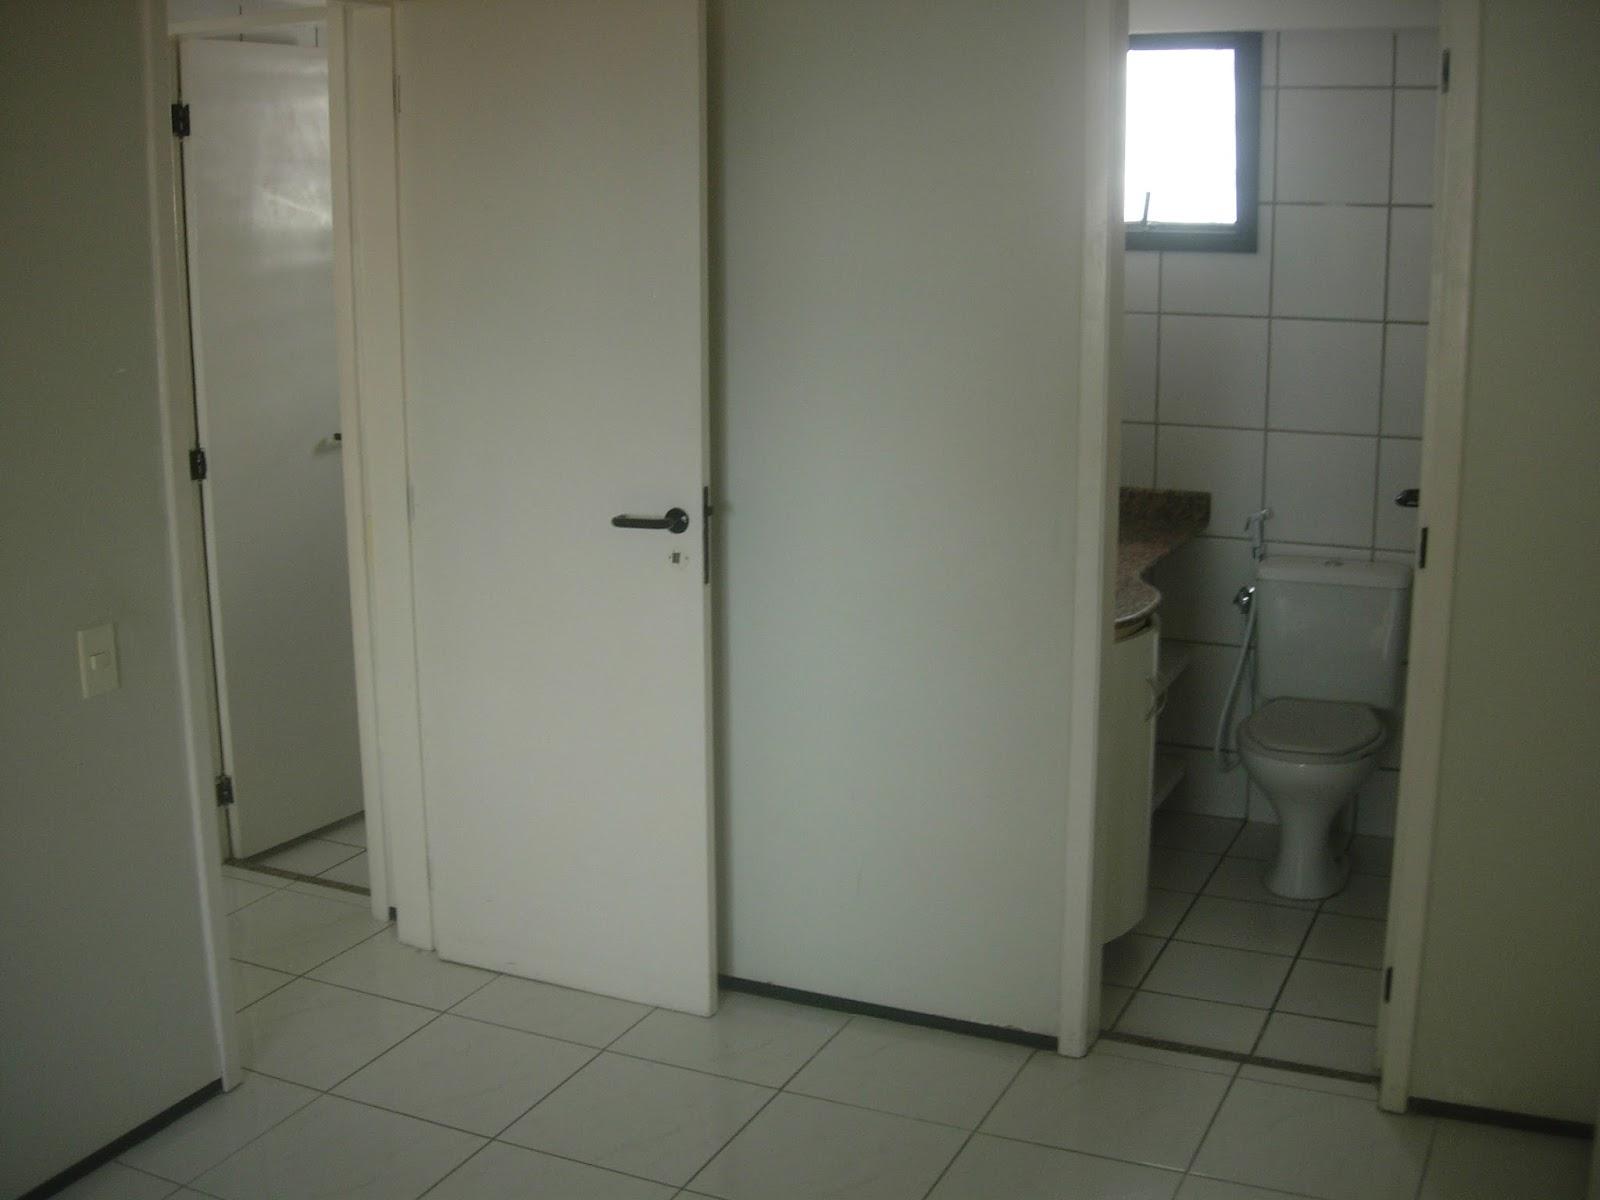 Imagens de #576674 Imobiliária Madre de Deus: Agosto 2013 1600x1200 px 3548 Blindex Banheiro Fortaleza